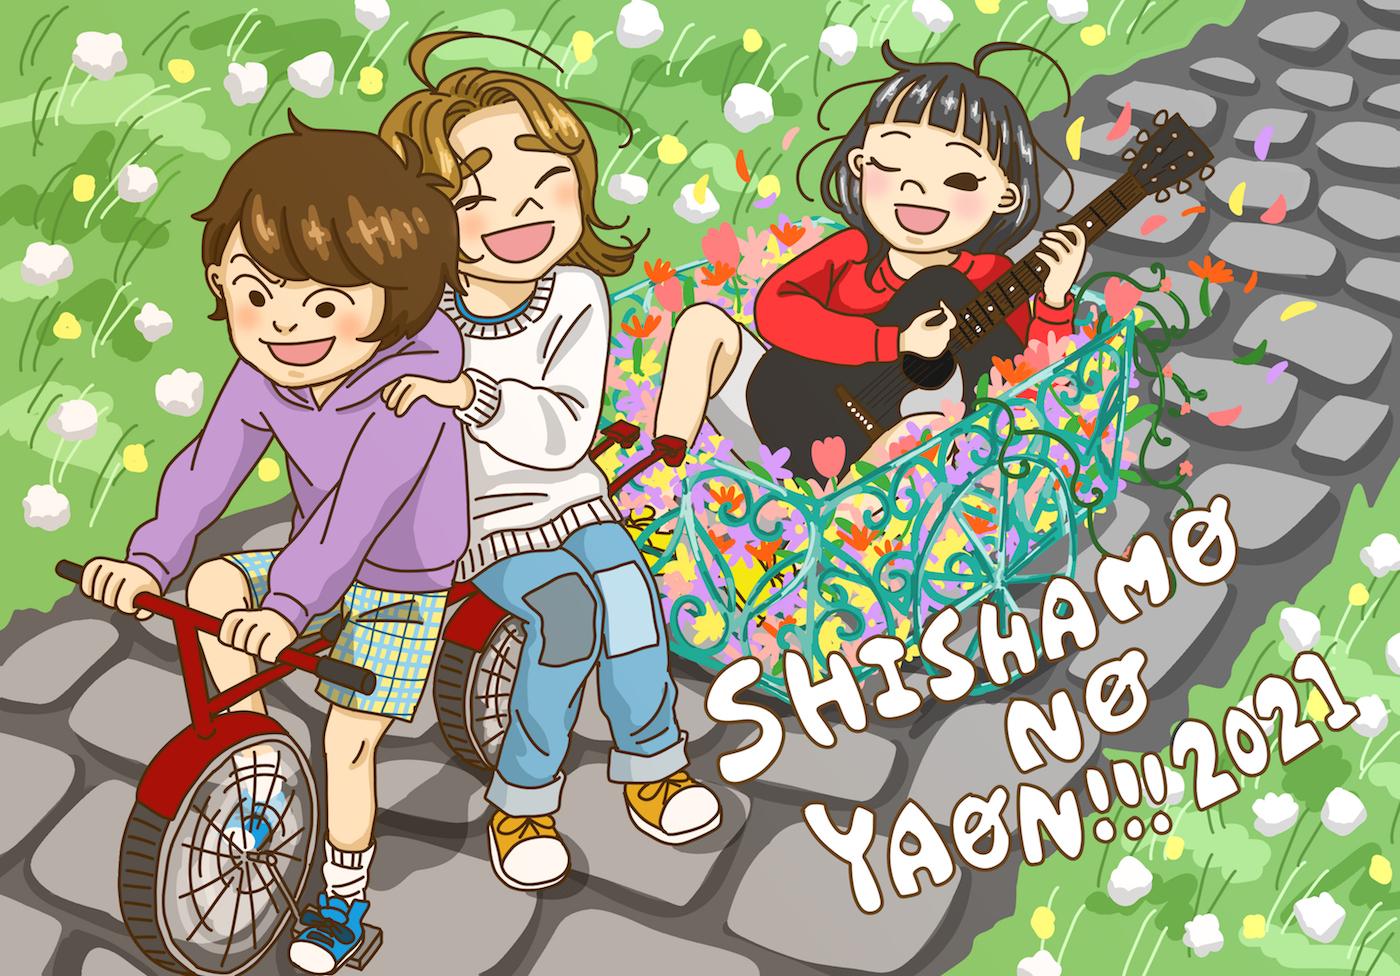 『SHISHAMO NO YAON!!! 2021』